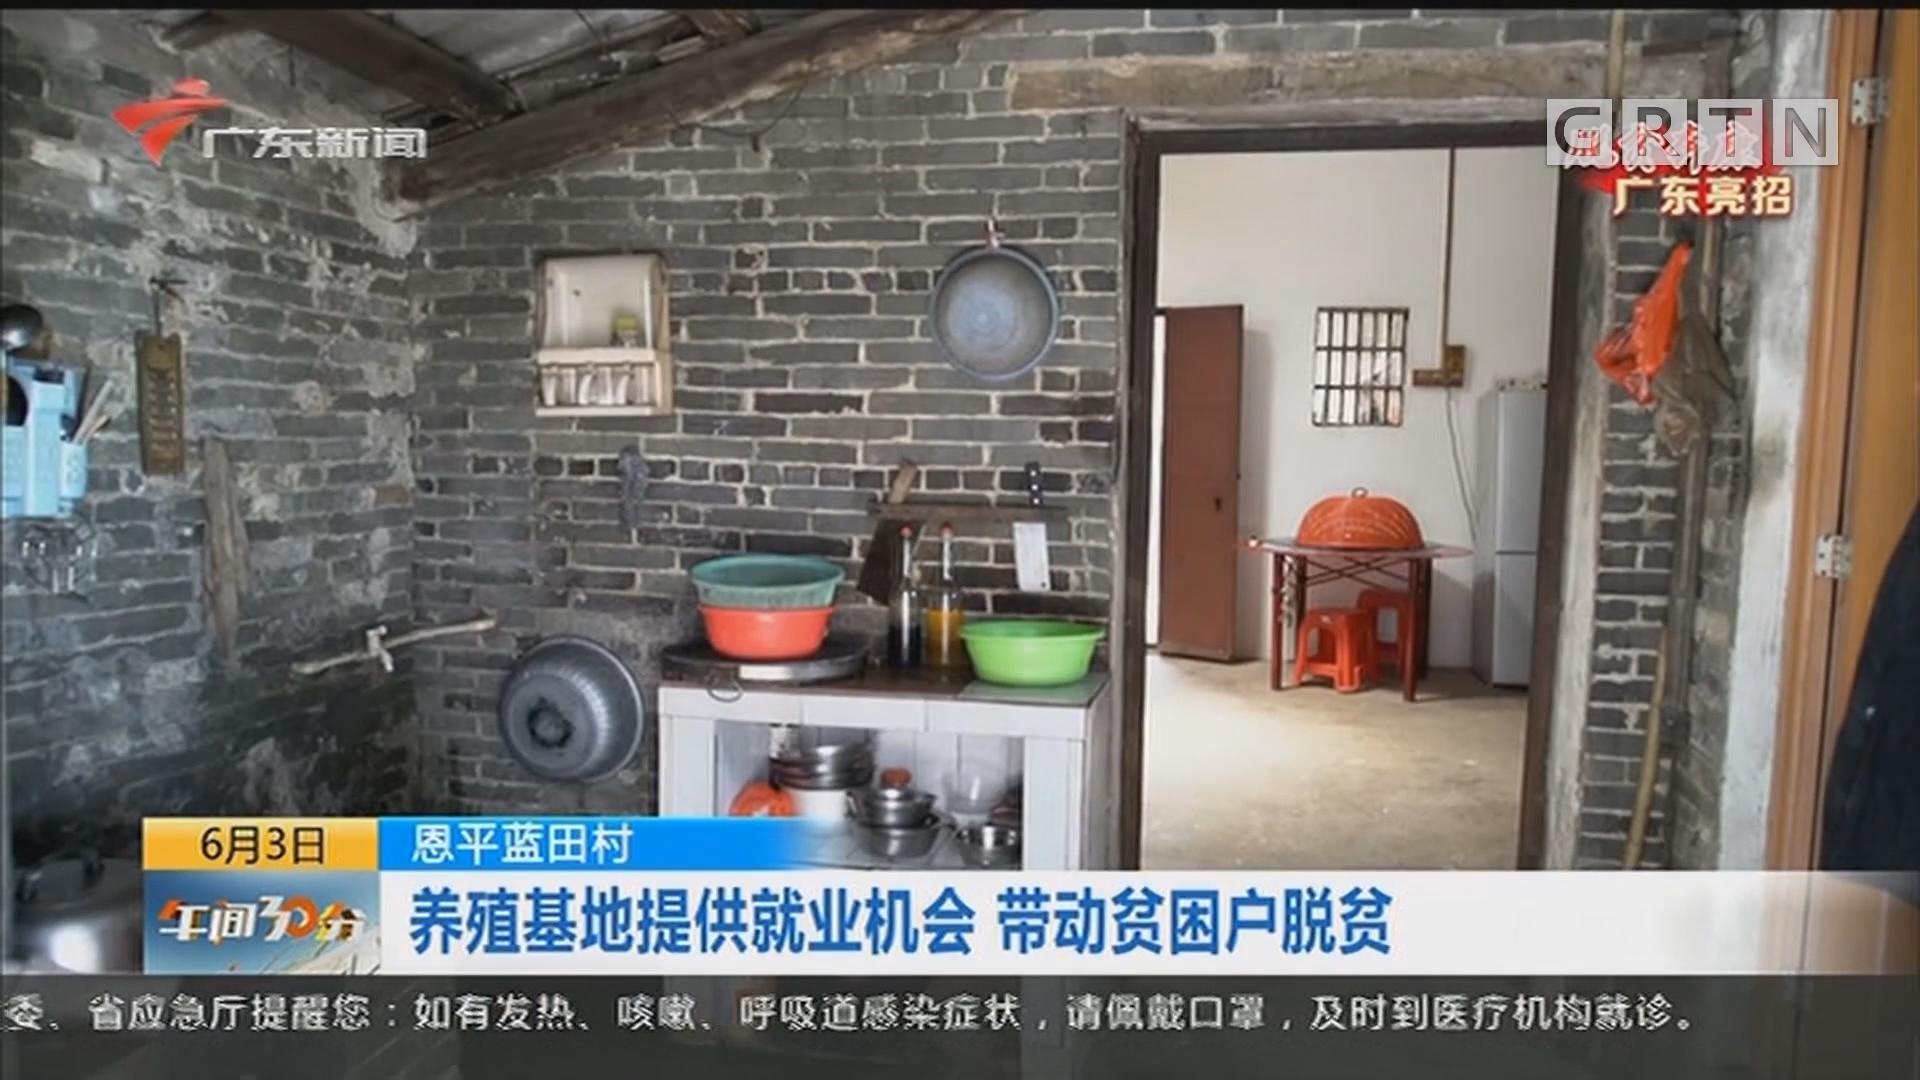 恩平蓝田村:养殖基地提供就业机会 带动贫困户脱贫